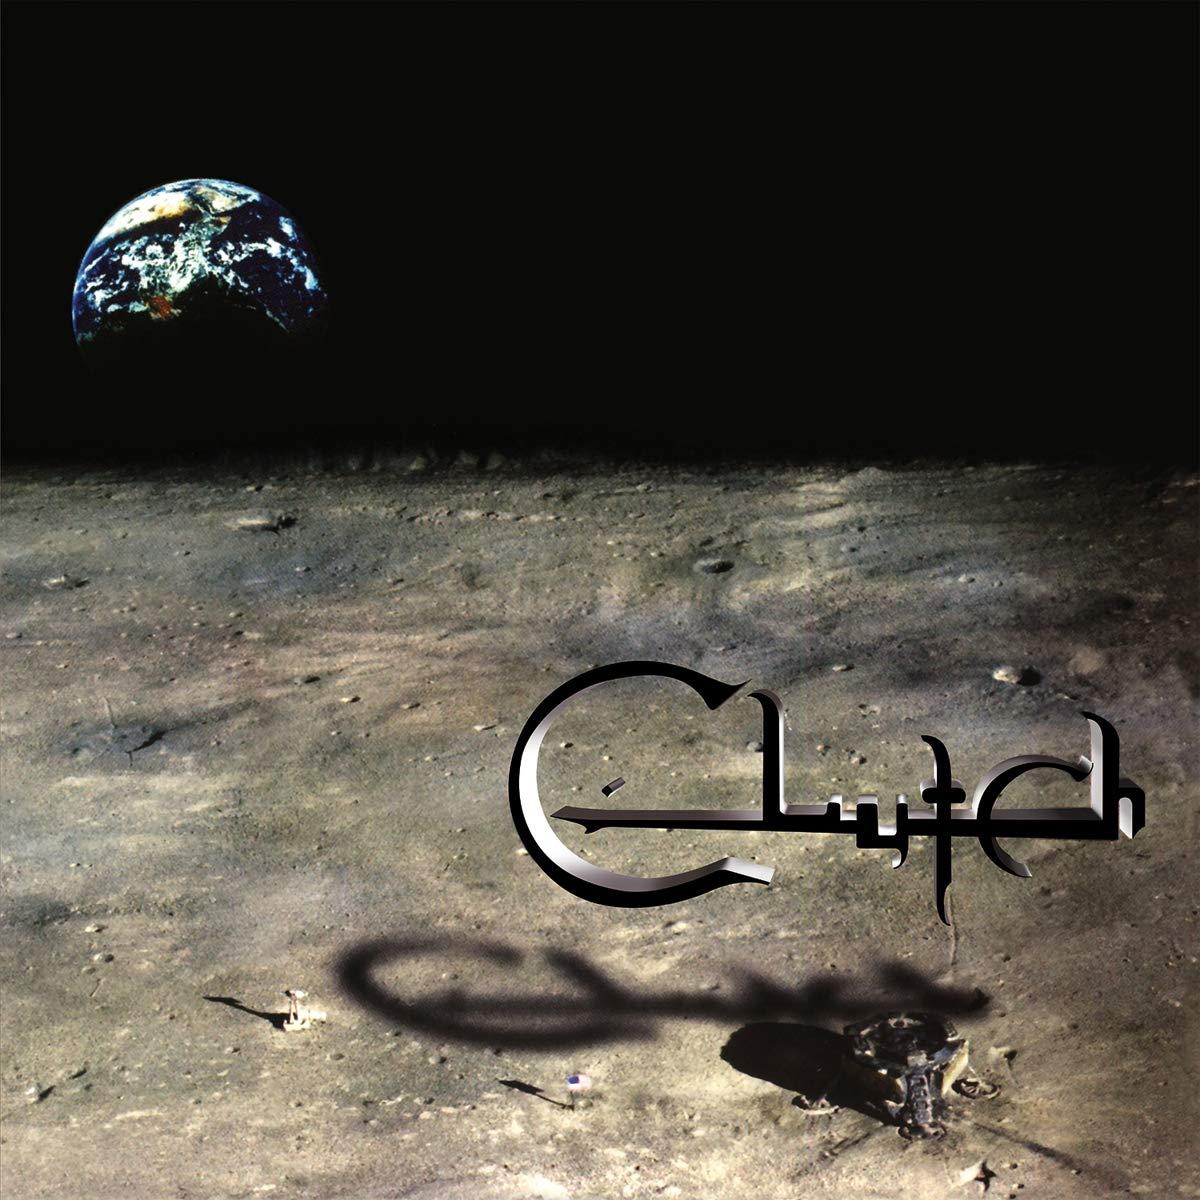 525 Clutch by Clutch